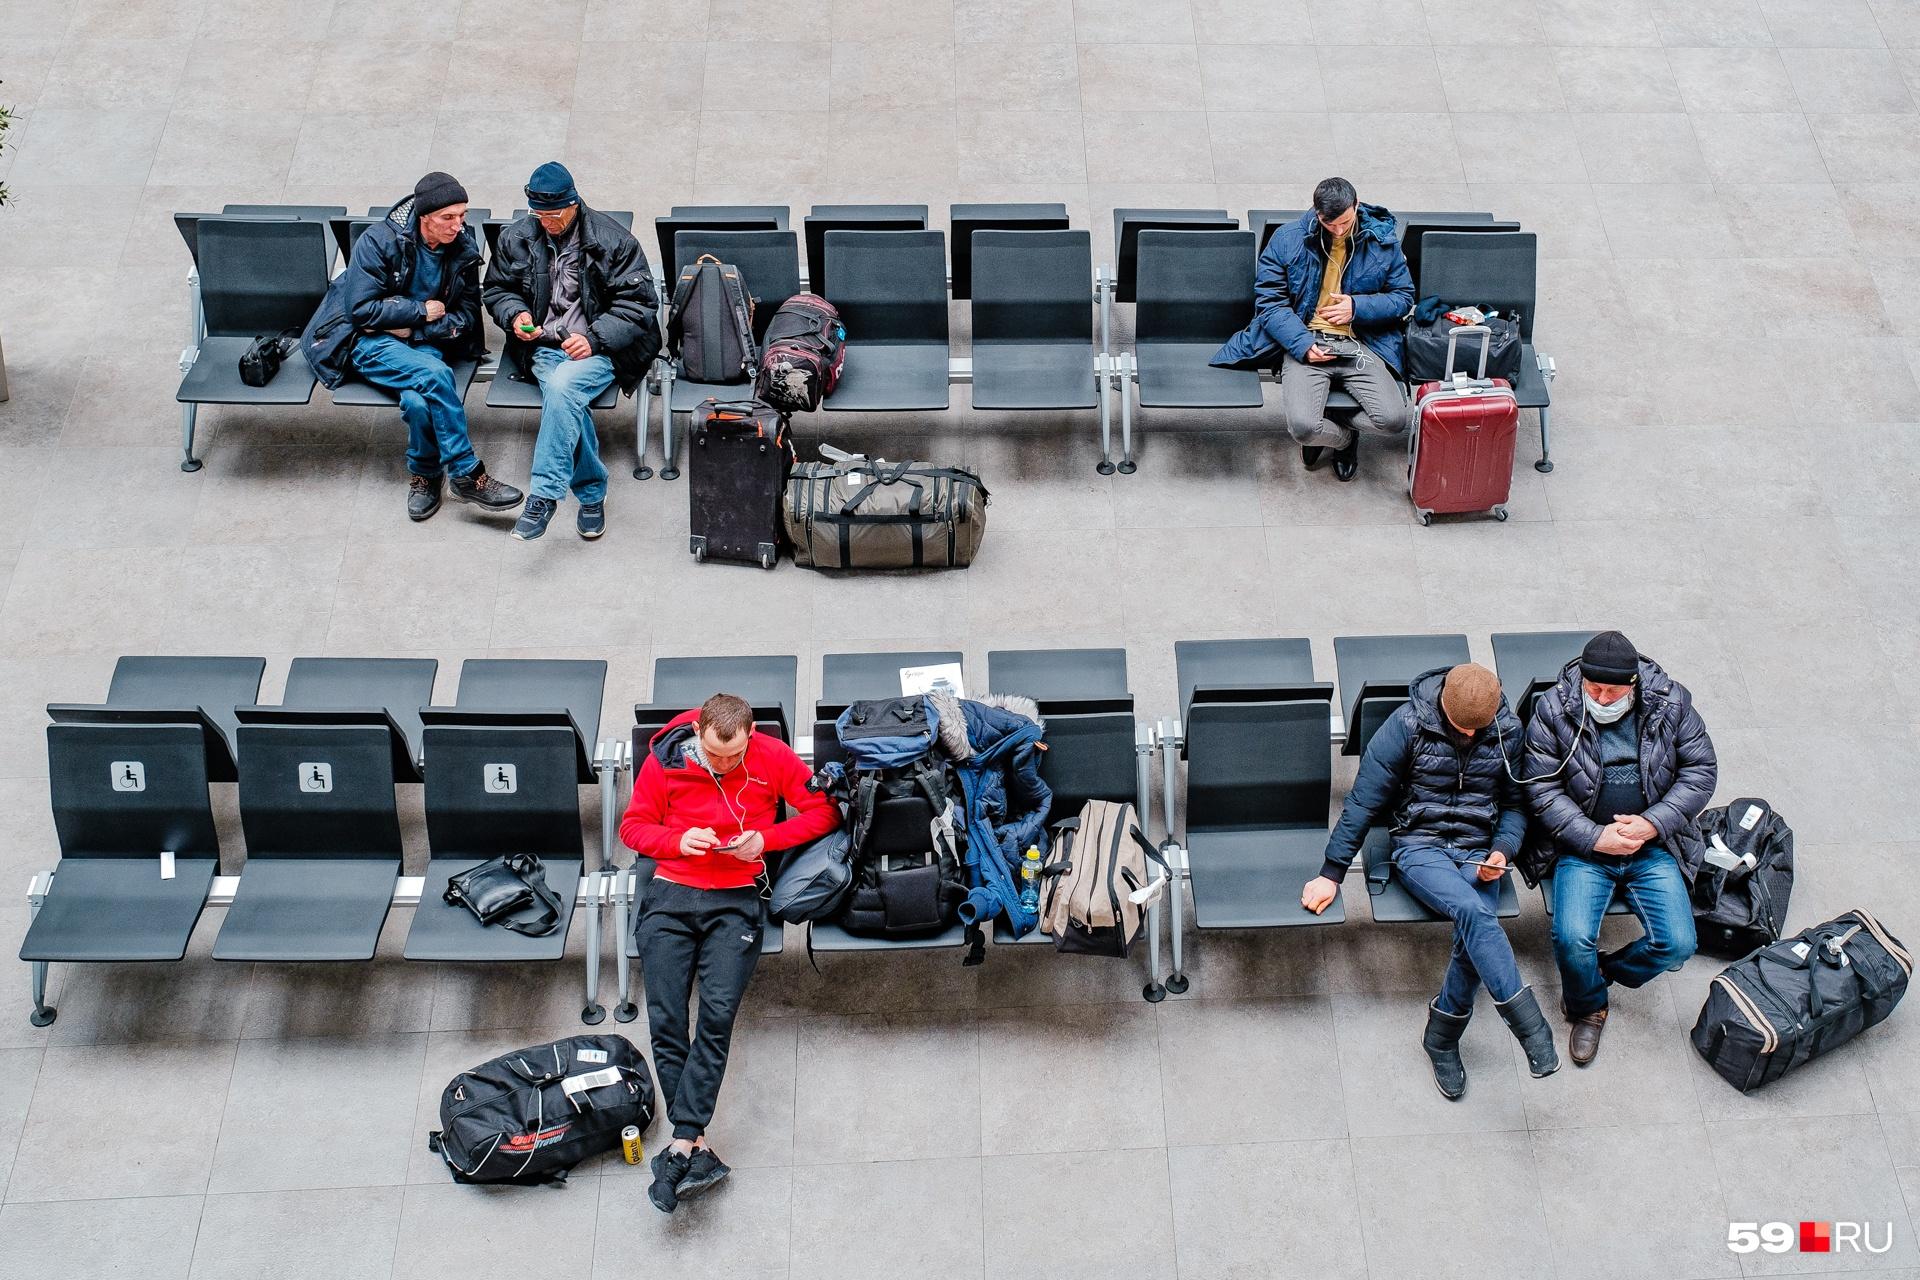 Зарубежные авиарейсы из Перми в прошлом году отменили, но маршруты по России остались, пусть и в сокращенном варианте. Фото сделано в конце апреля 2020 года